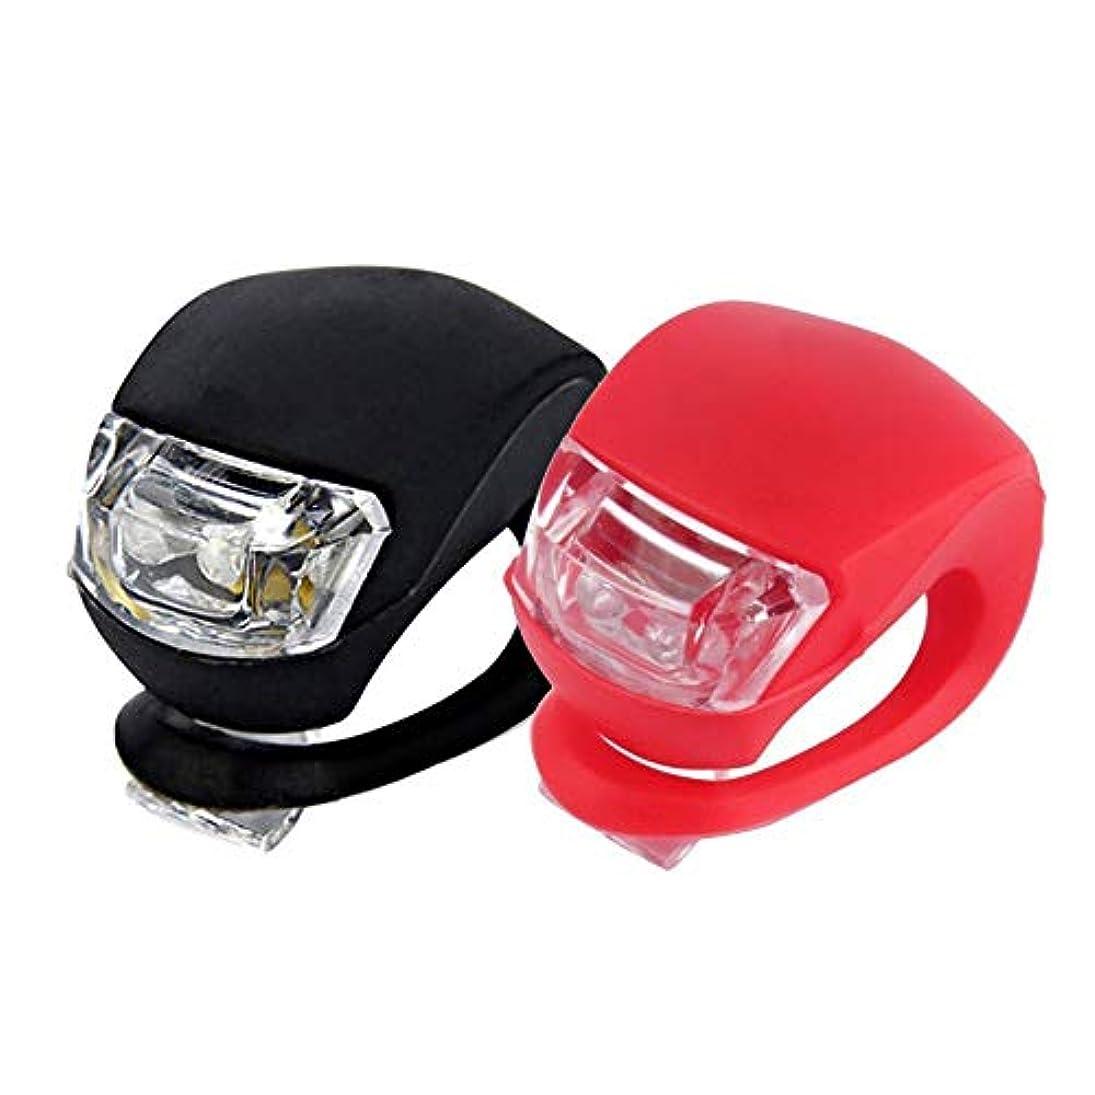 かび臭いワーム天文学Snner 2個セット 自転車LEDライト 蛙の形状 照明アクセサリー 軽量 シリコン製 黒赤